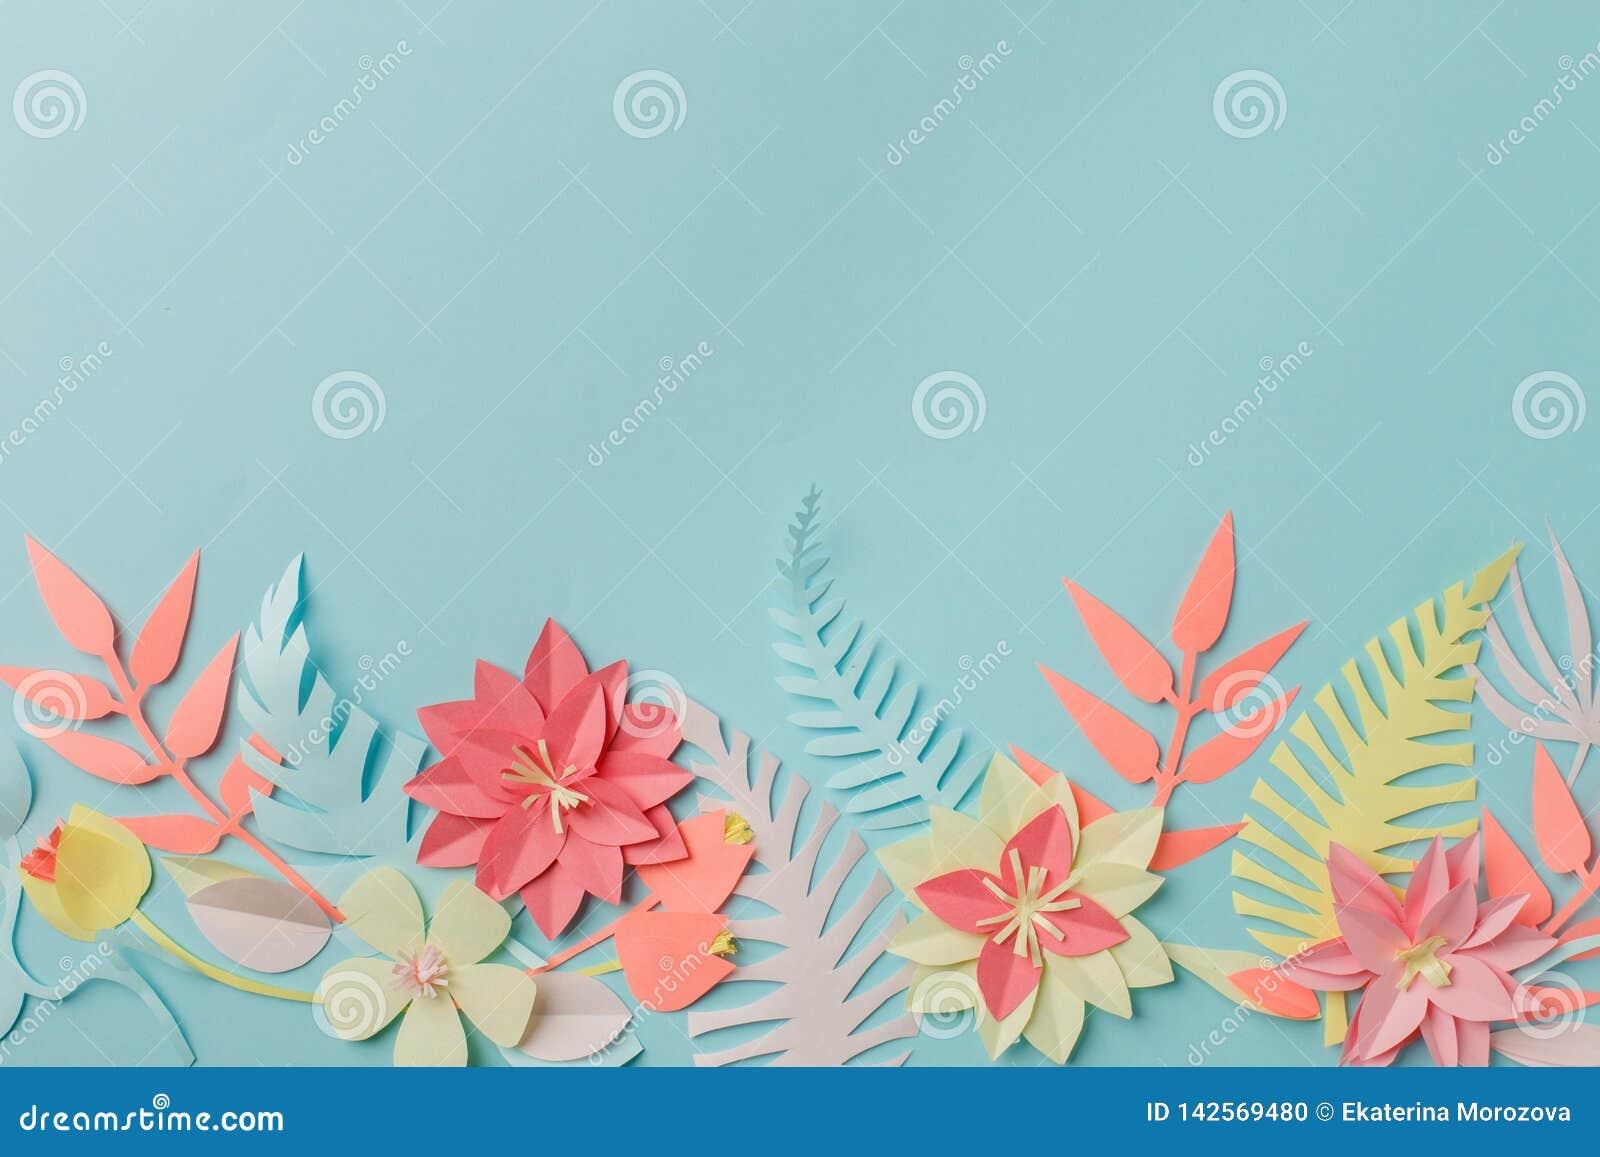 För origamifower för pappers- hantverk idé för garnering idérik tropiska blommor och sidor på blå pastellfärgad bakgrund, sommart